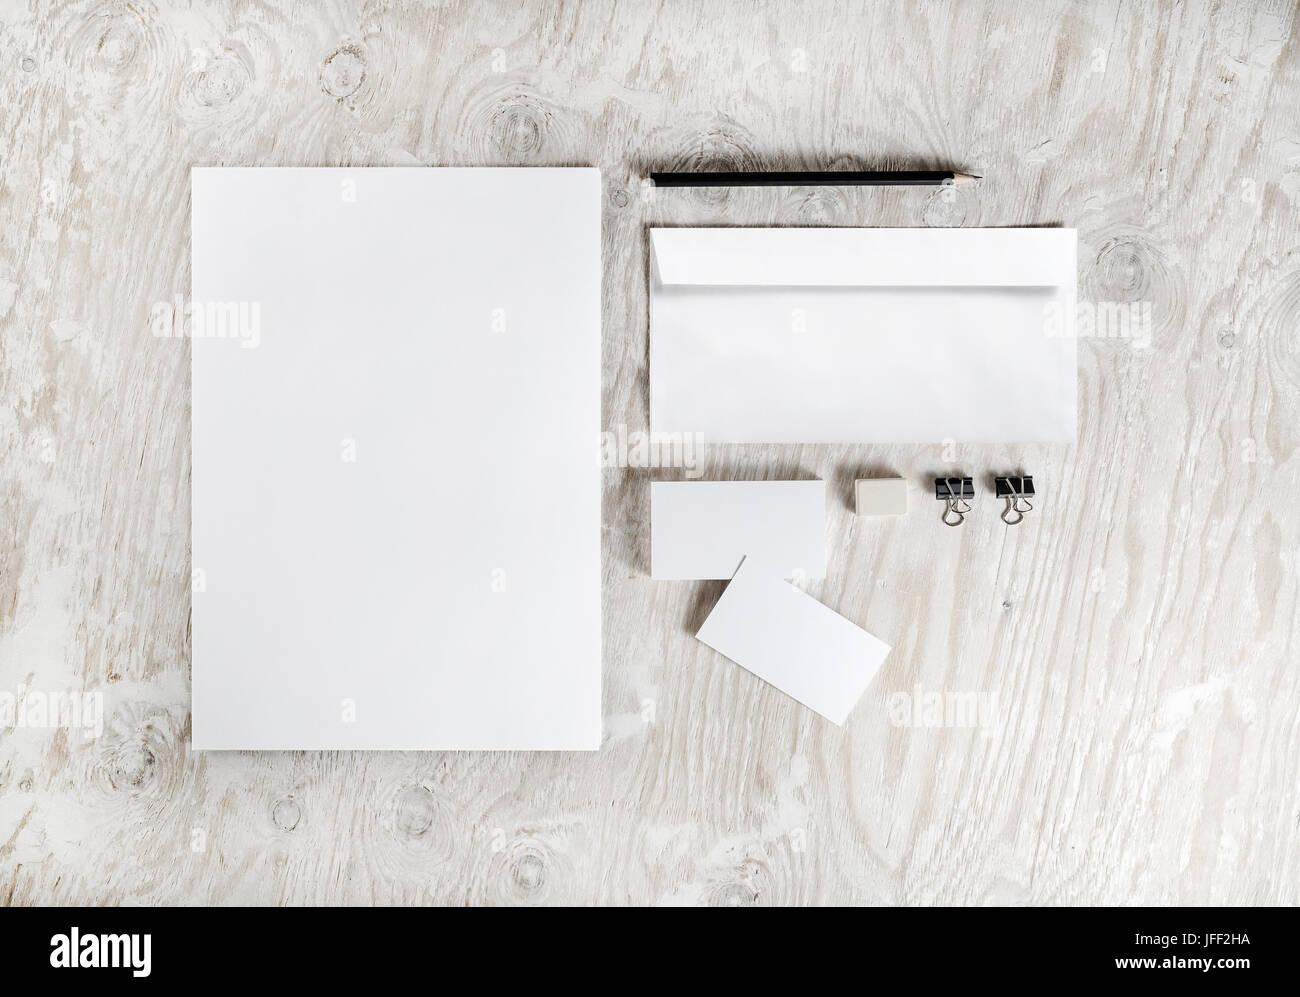 Blank stationery mockup - Stock Image